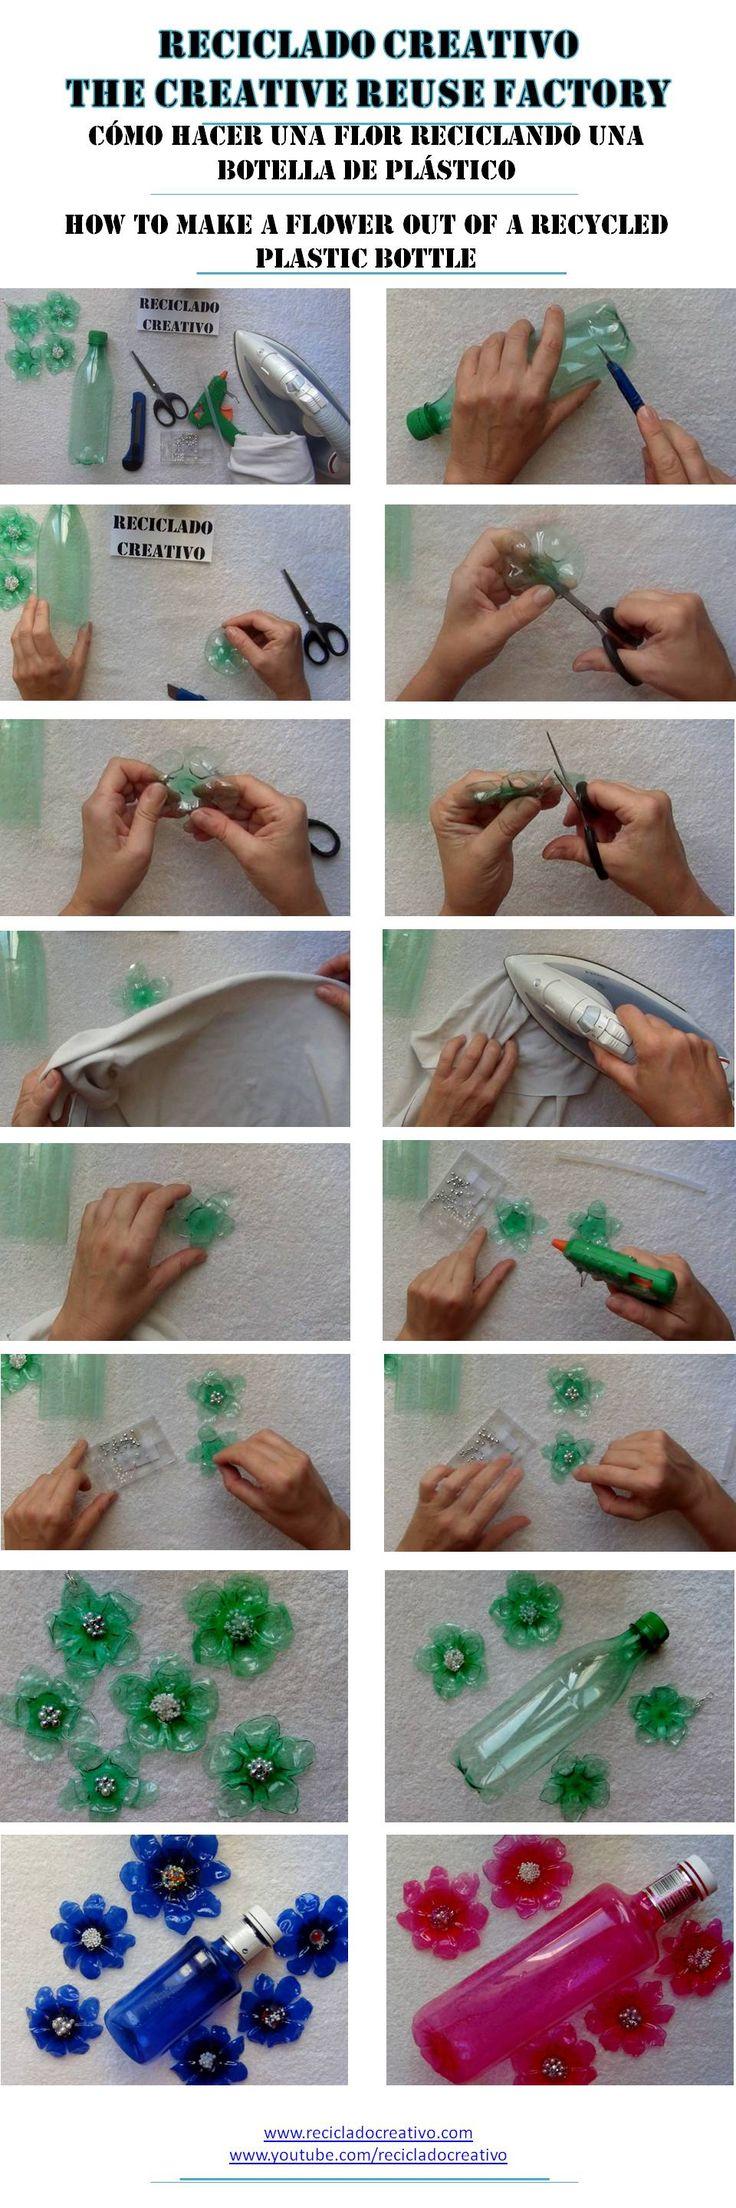 cómo hacer una flor con una botella de plástico verde y una plancha de ropa https://www.youtube.com/watch?v=506FcE8bltI